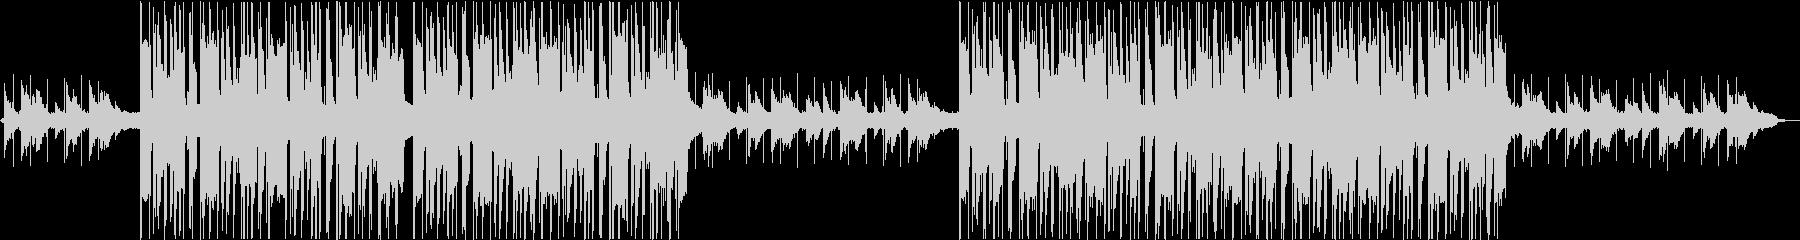 ソフトライトアーバンヒップホップの未再生の波形